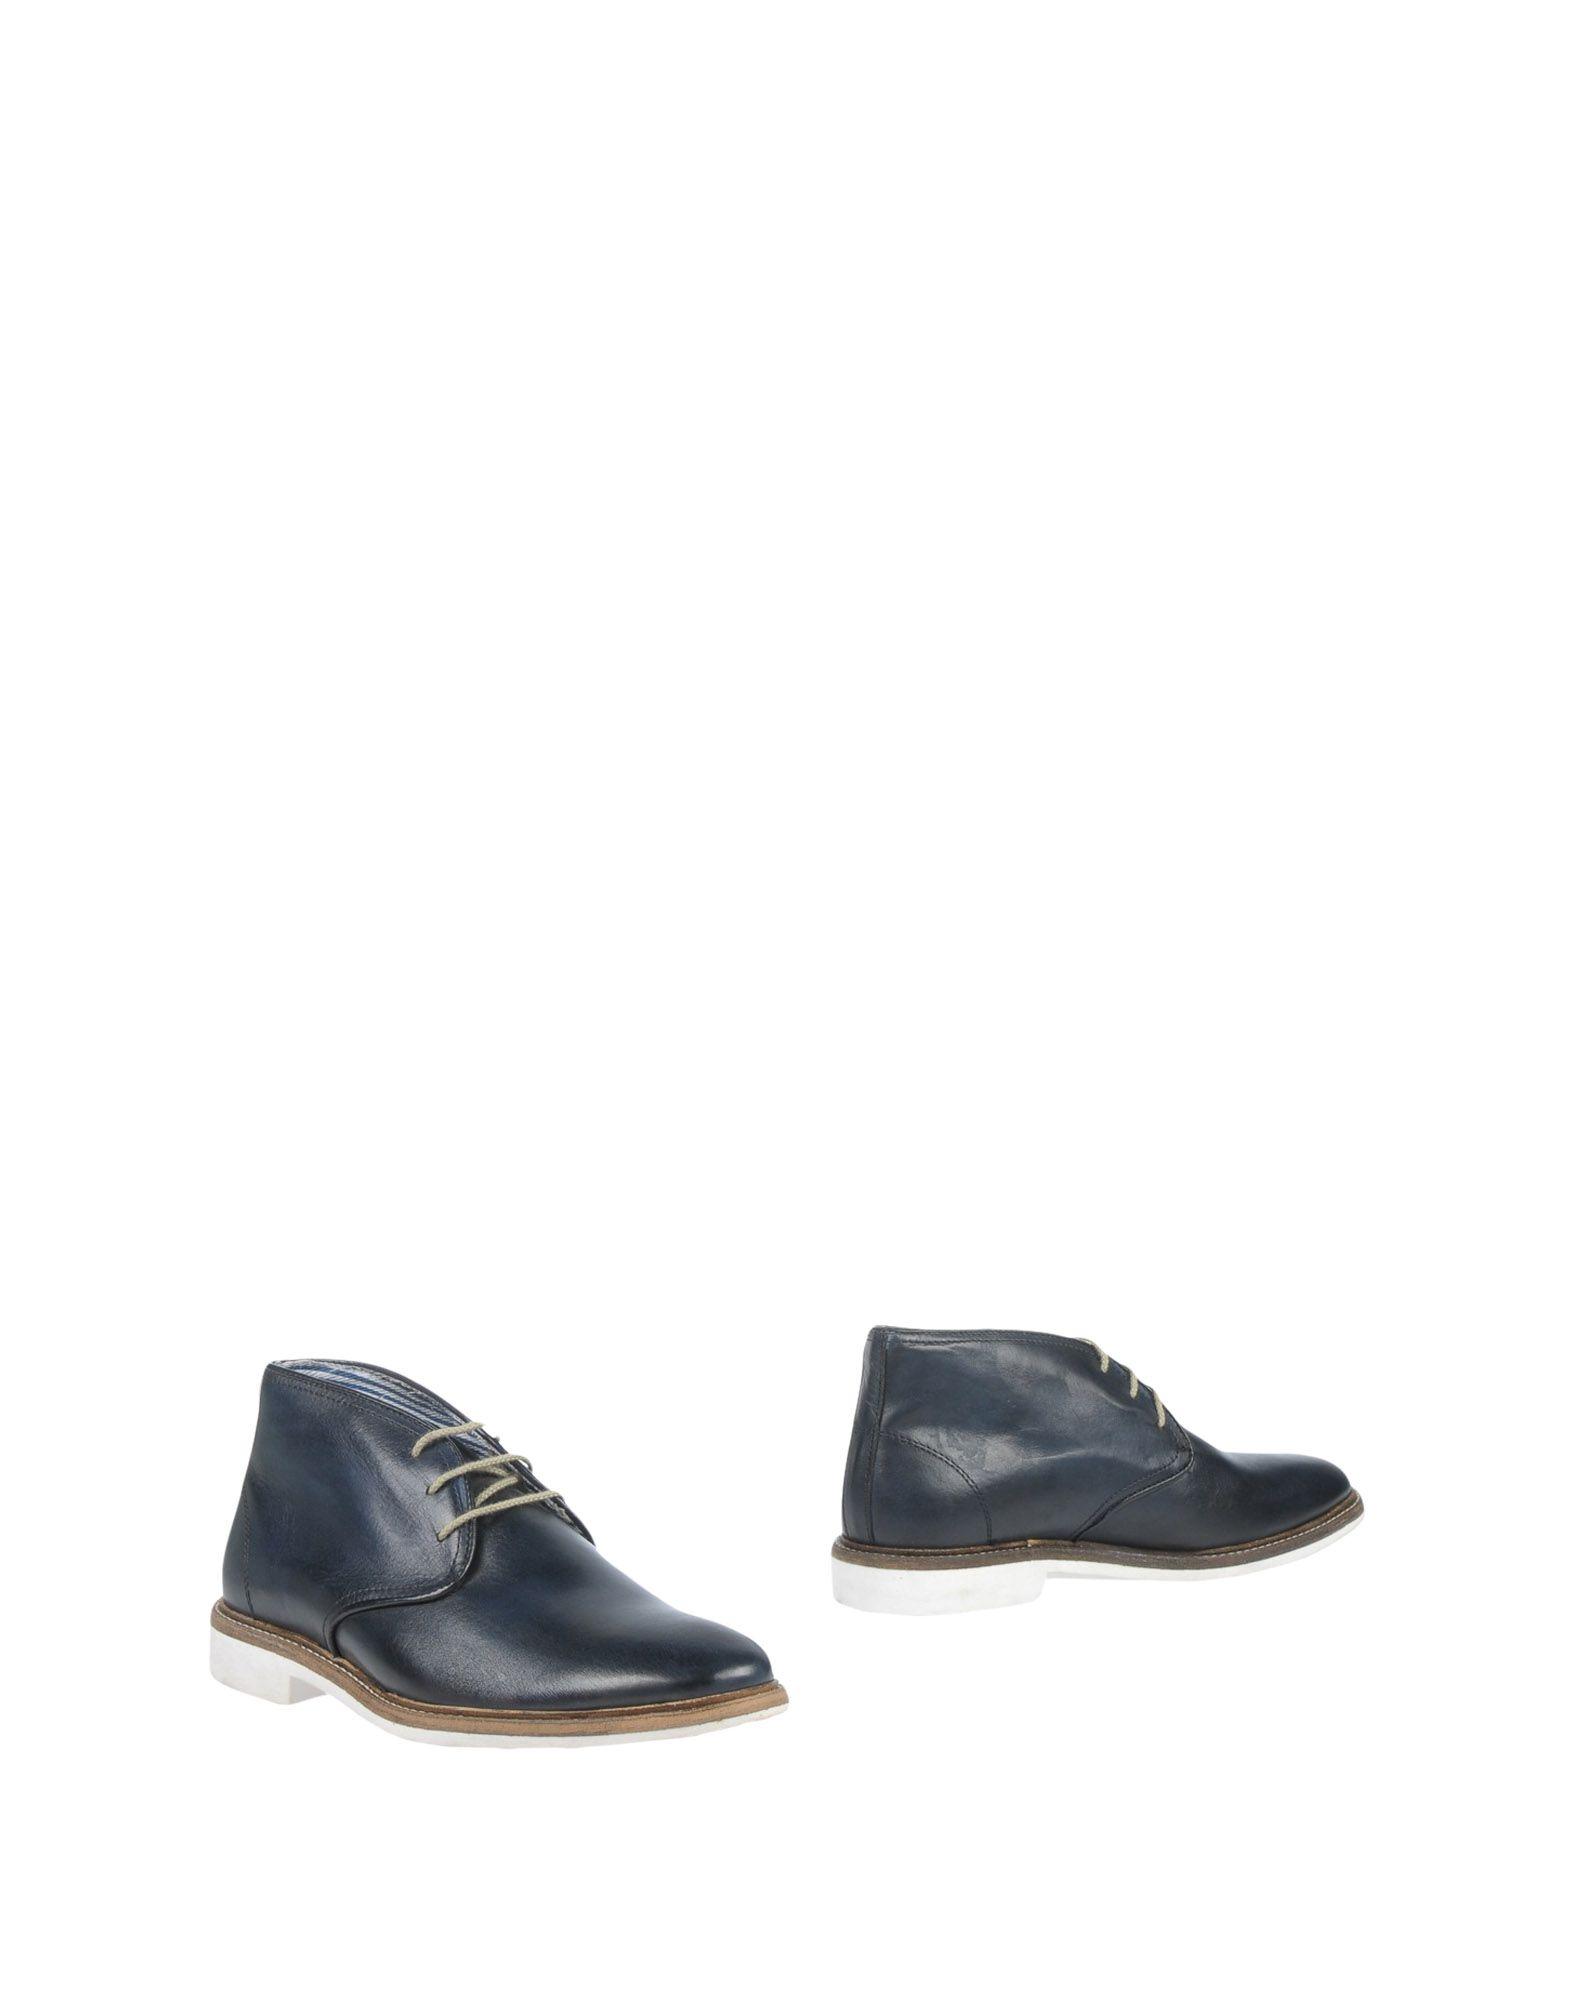 ALEXANDER TREND Полусапоги и высокие ботинки alexander osterwalder trend driven innovation beat accelerating customer expectations